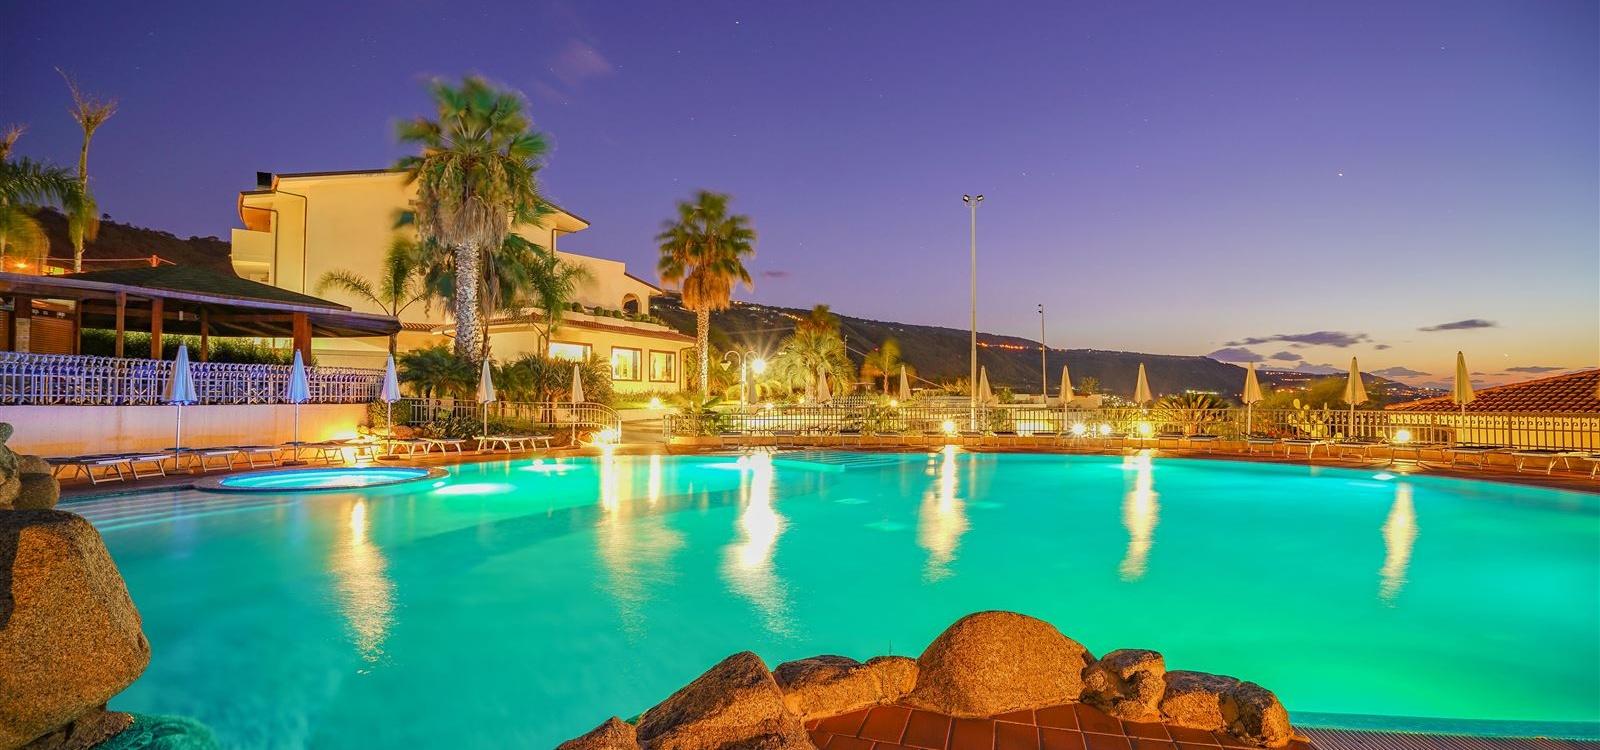 Hotel, Affitto per vacanze, Stazione, ID Struttura 1041, Marina di Zambrone, Zambrone, vibo valentia, Italy, 89868,